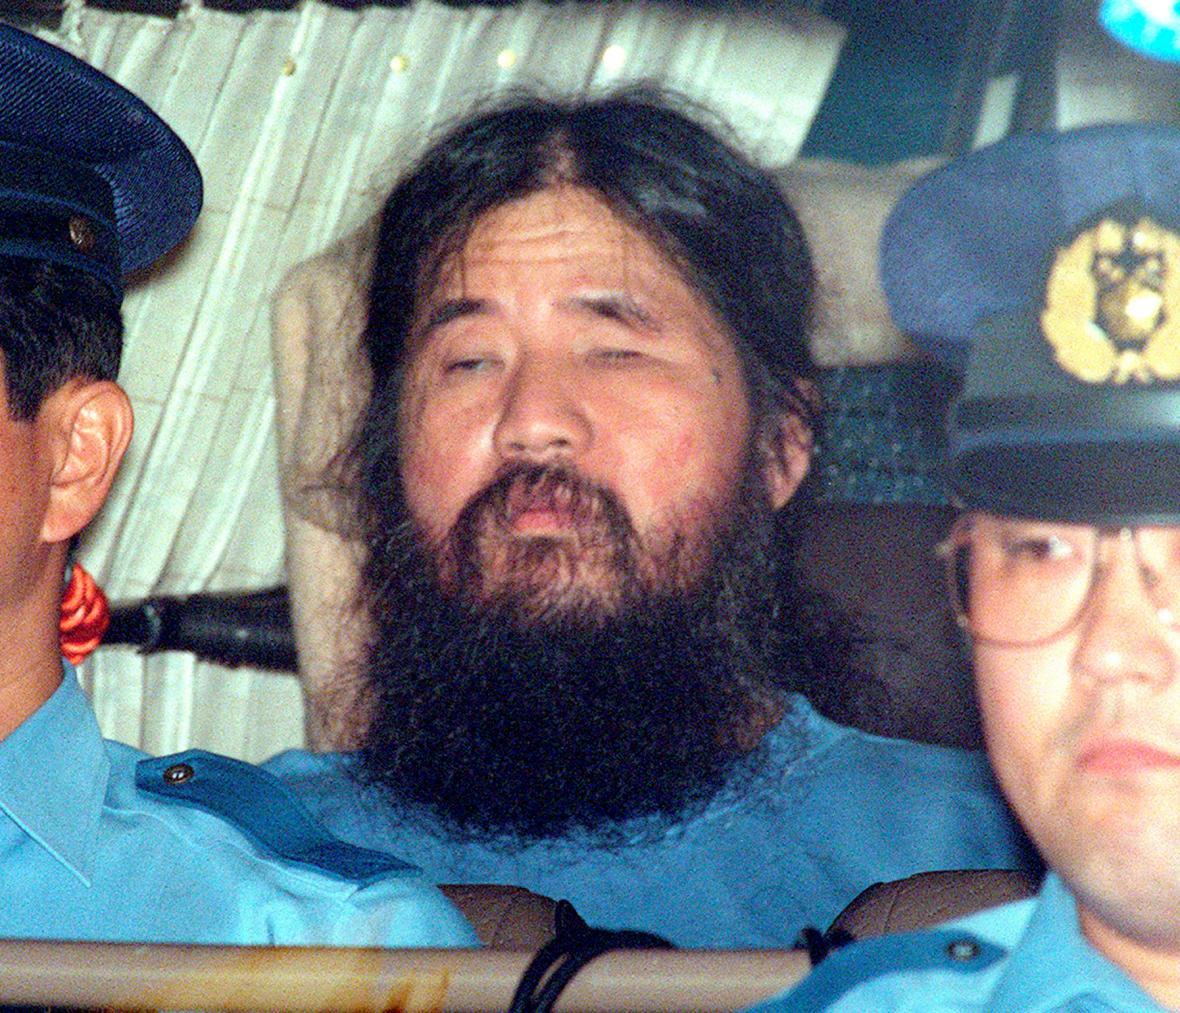 Šókó Asahara na smínku z roku 1995